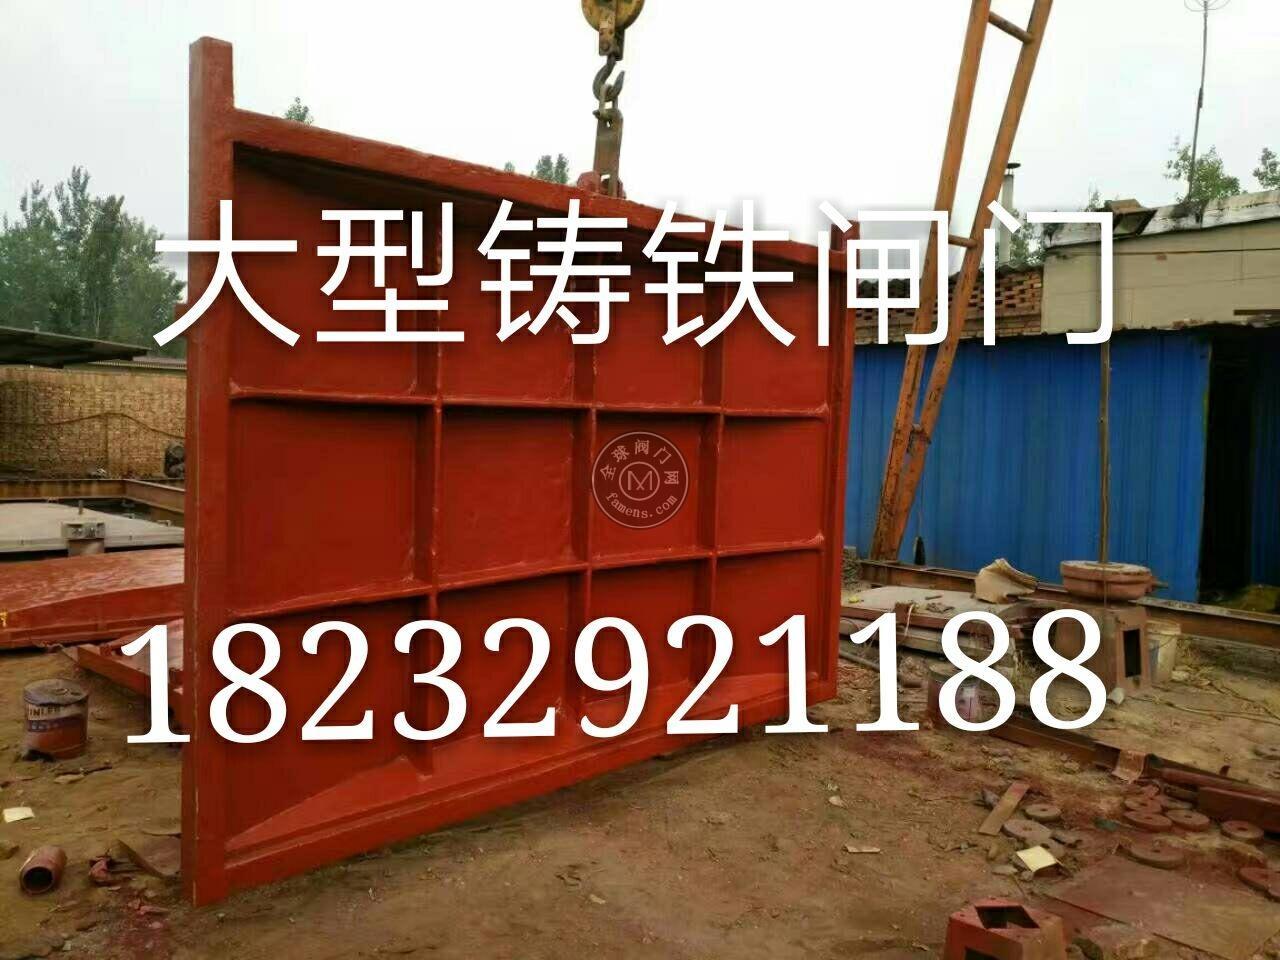 1.5米*1.5米双向铸铁闸门 螺杆启闭机